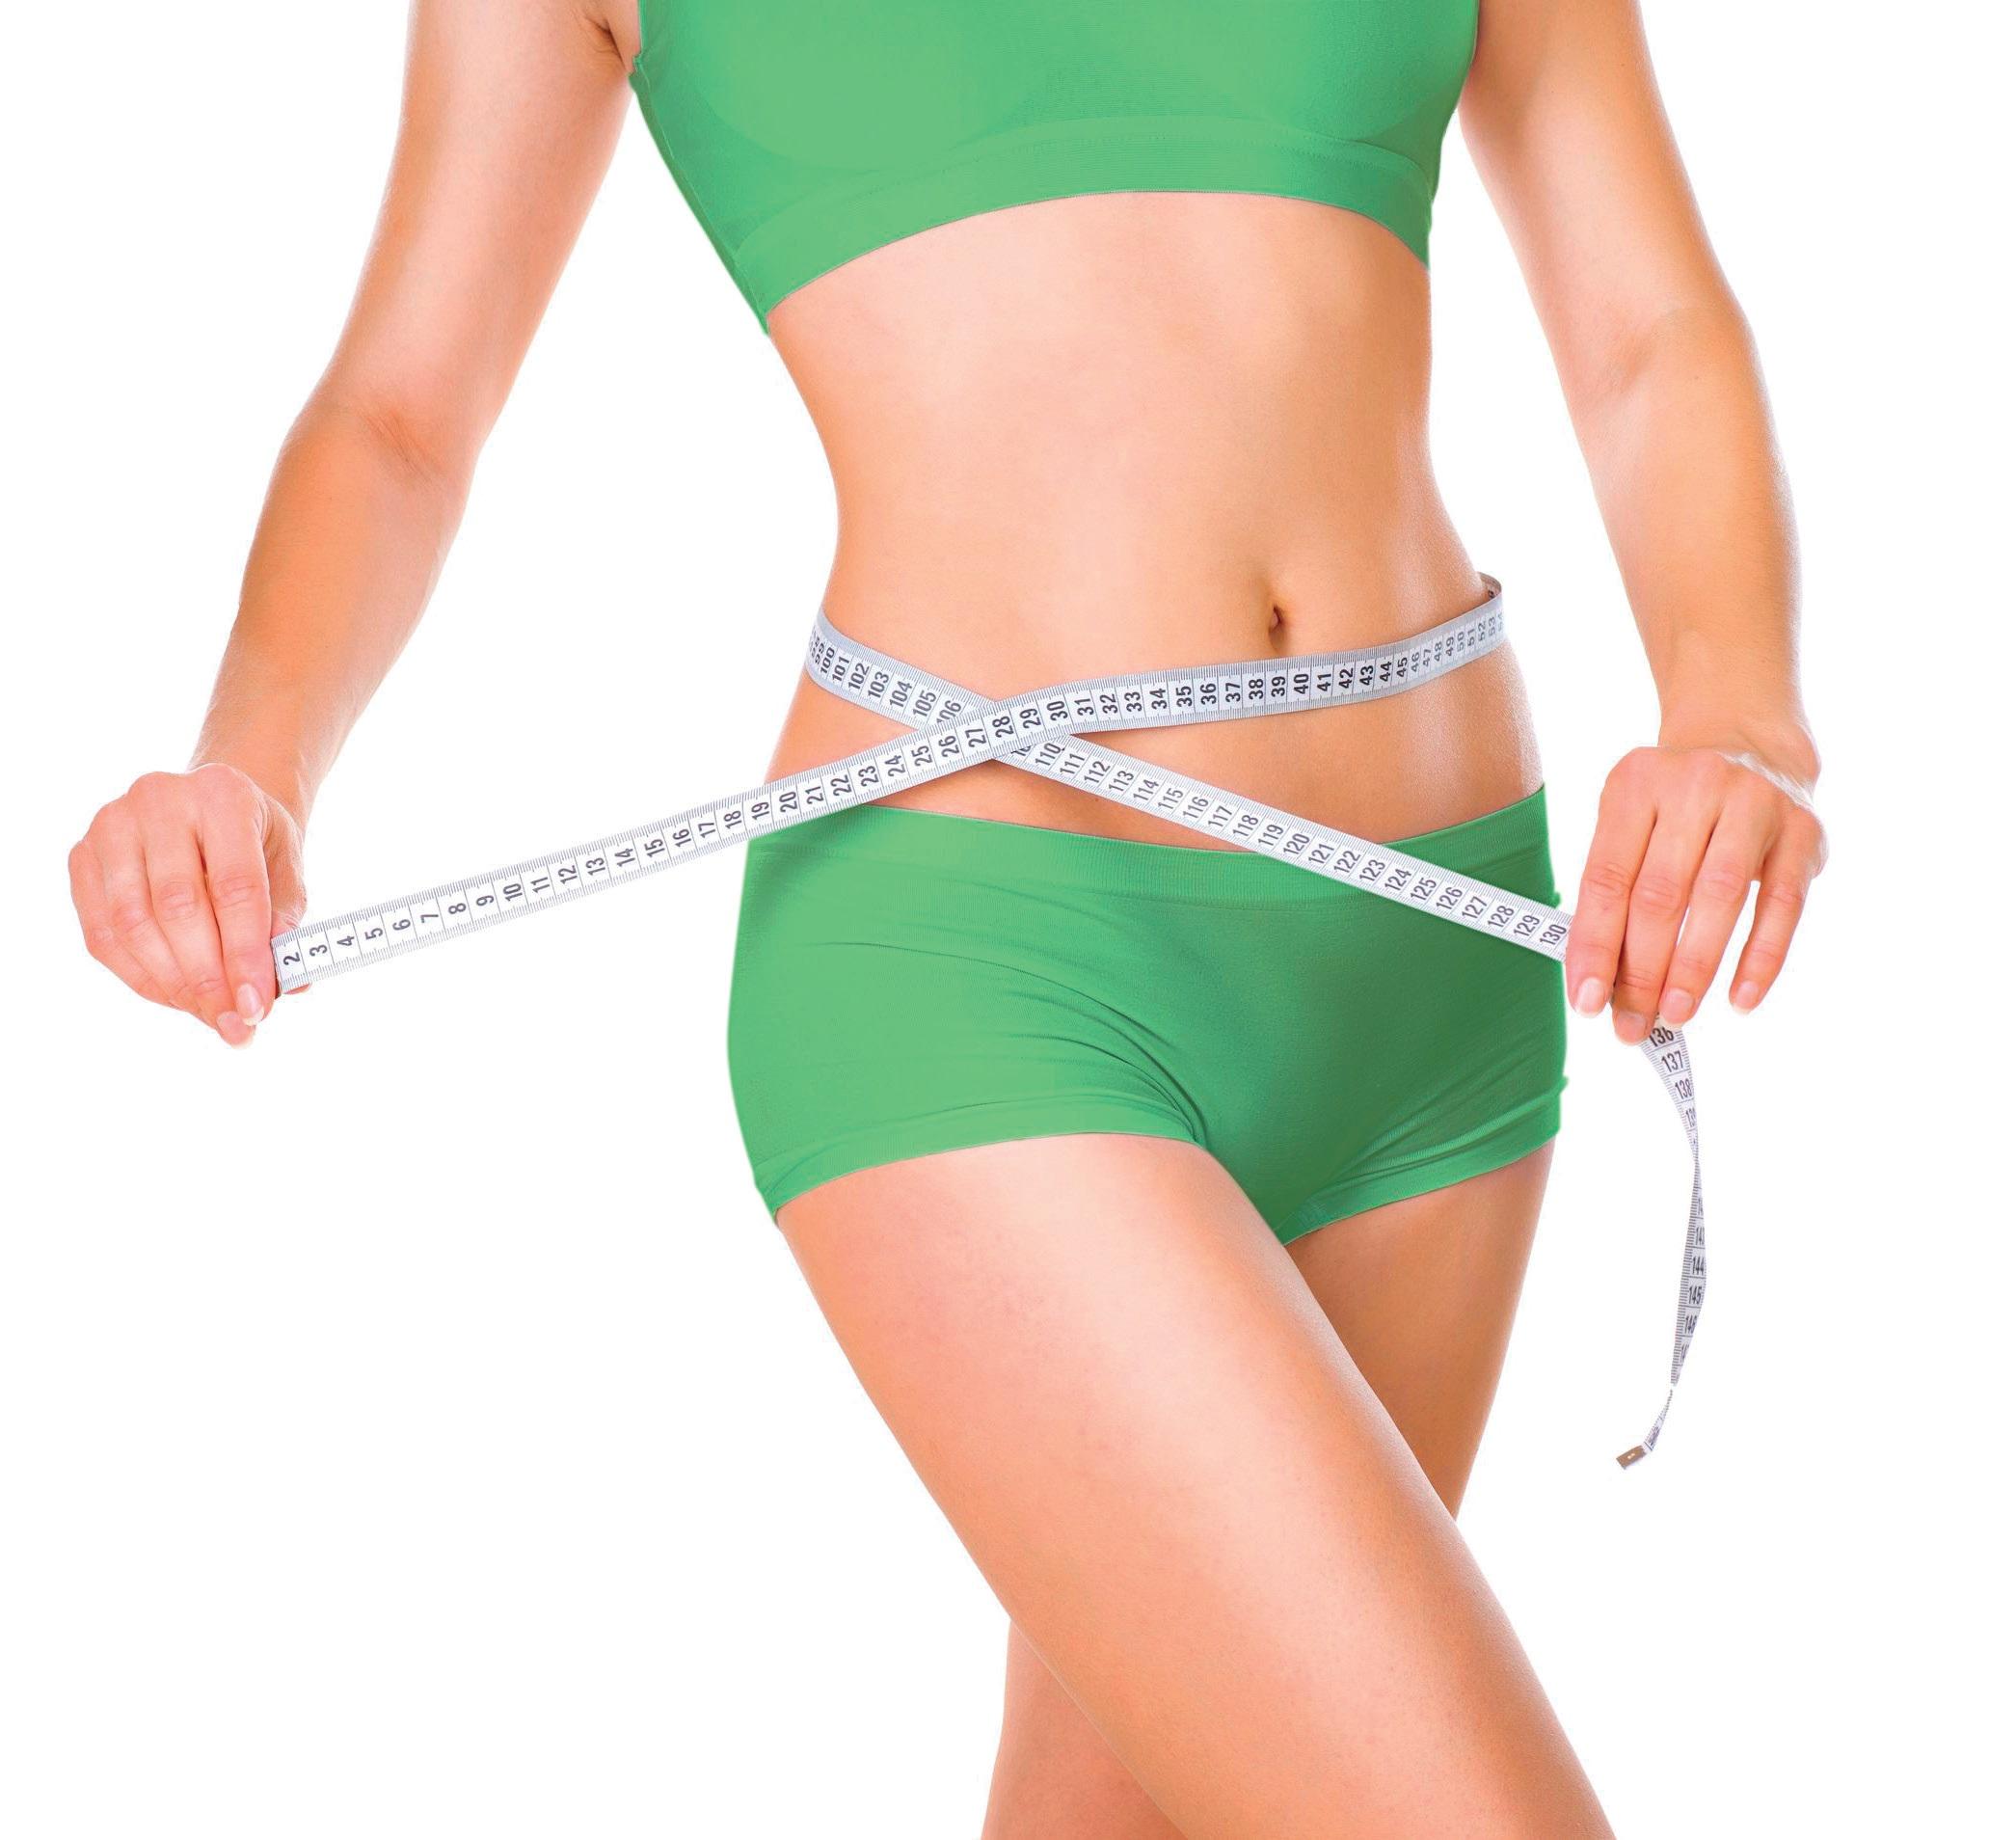 Mẹo giúp giảm cân